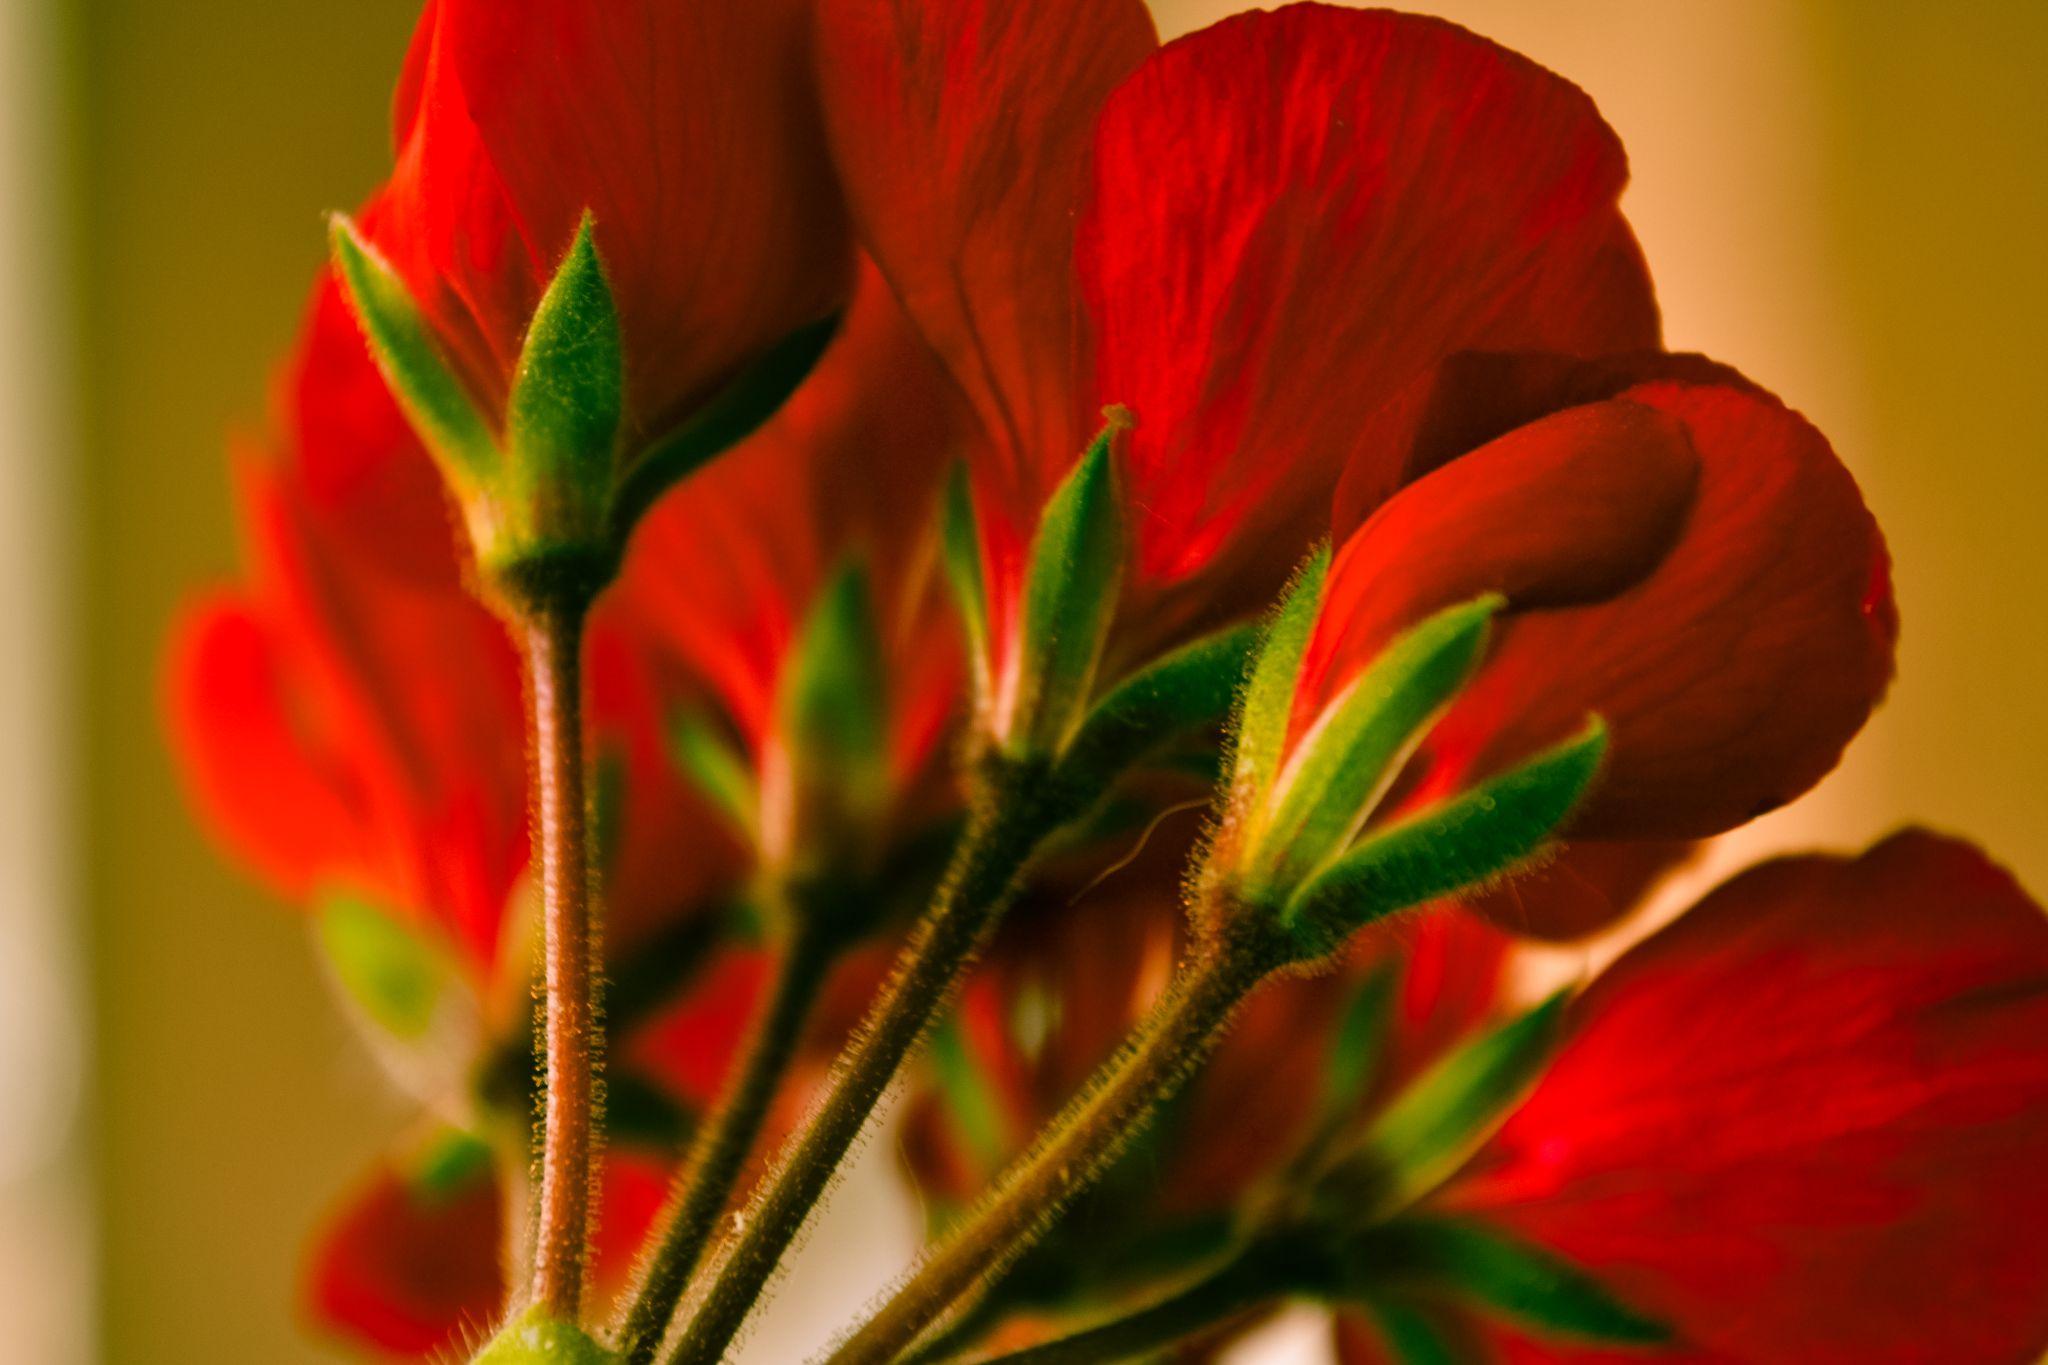 geranium by cigdem